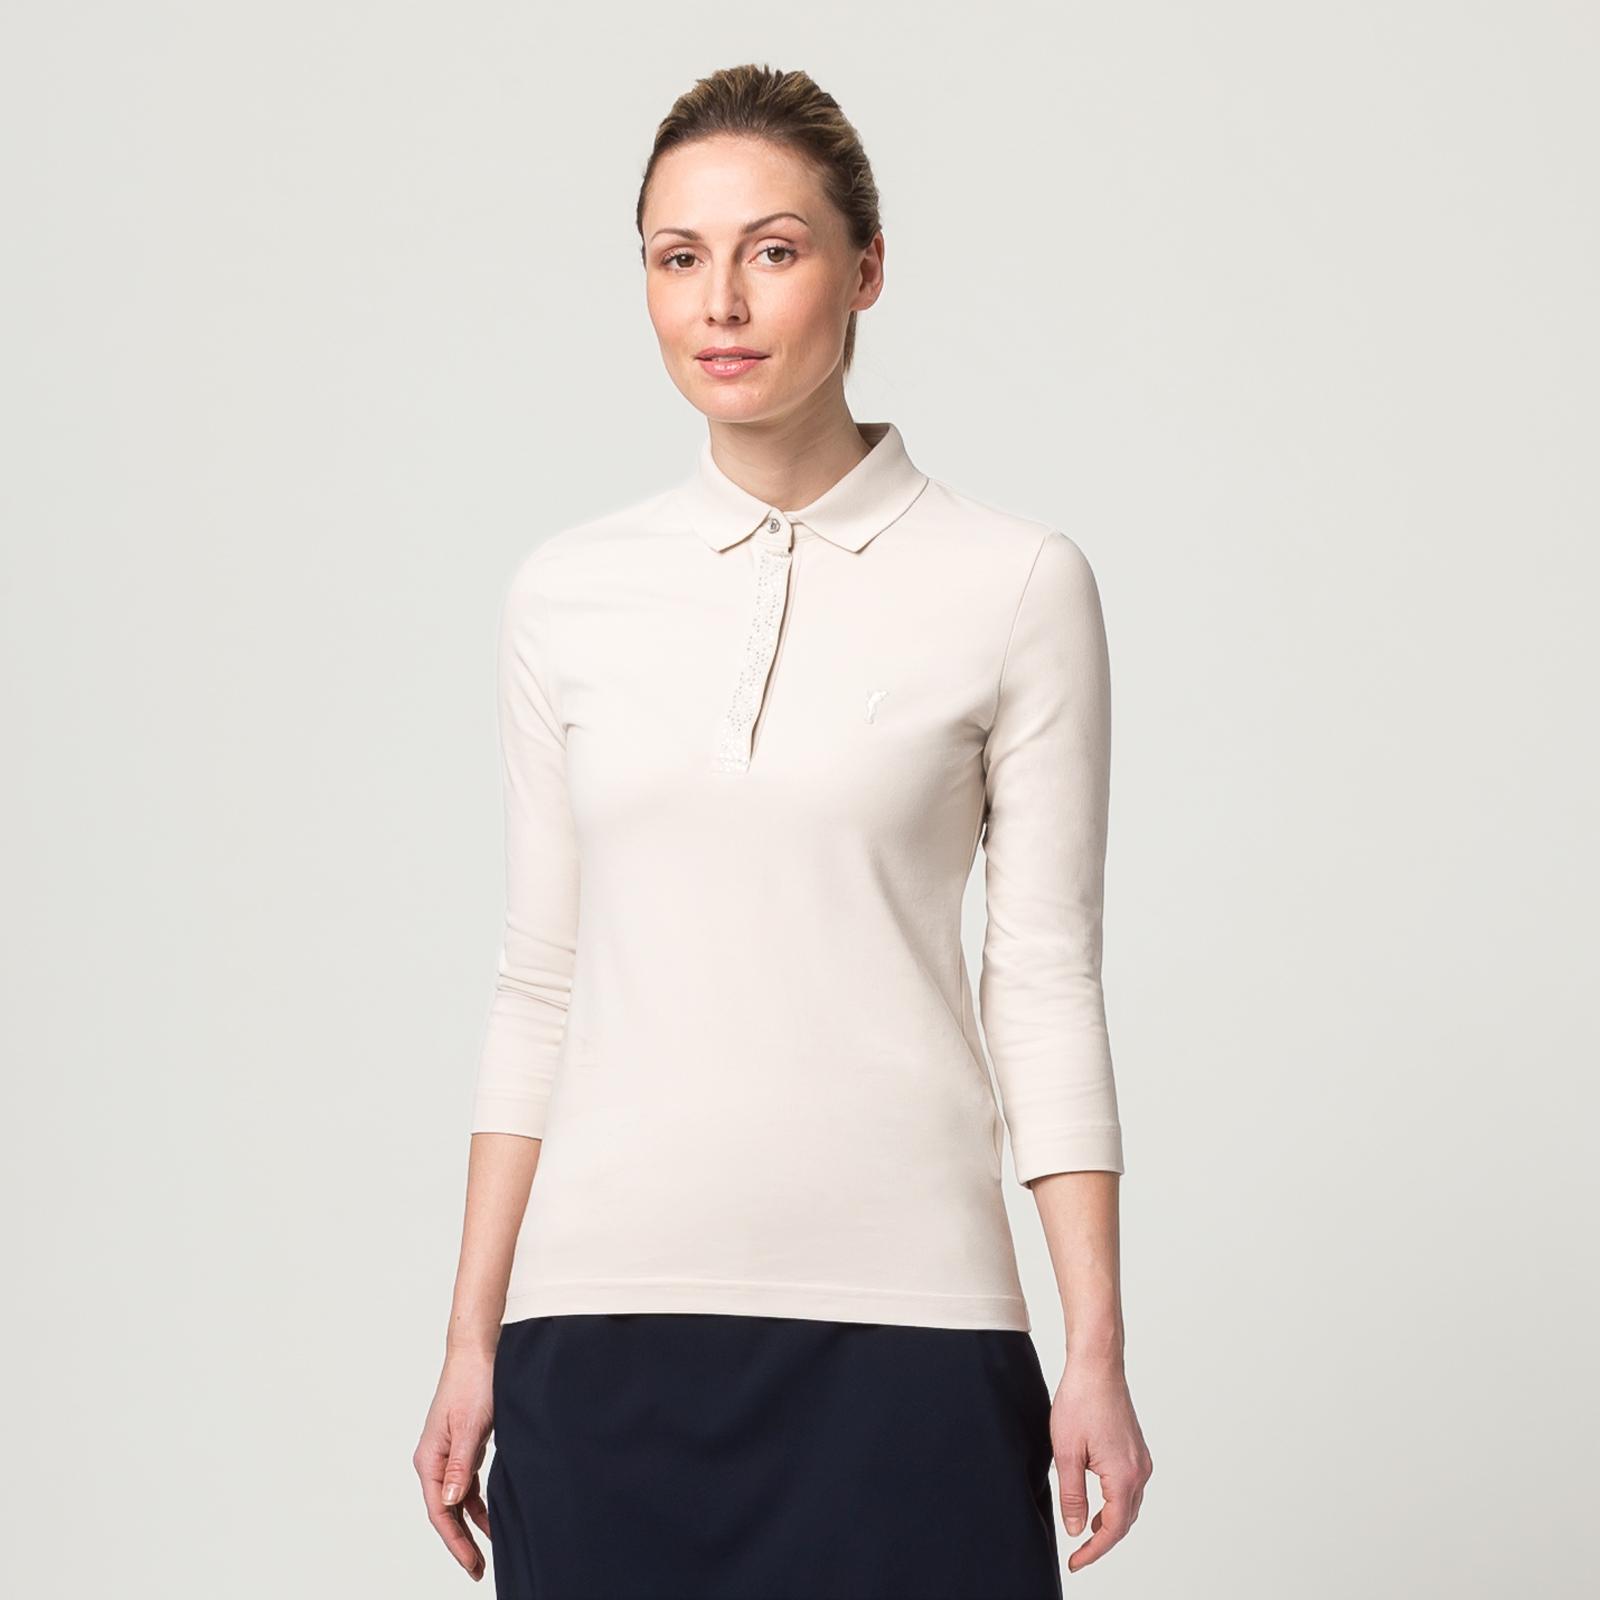 Damen Polo mit Schmucksteinen, 3/4-Arm und Sonnenschutz-Funktion